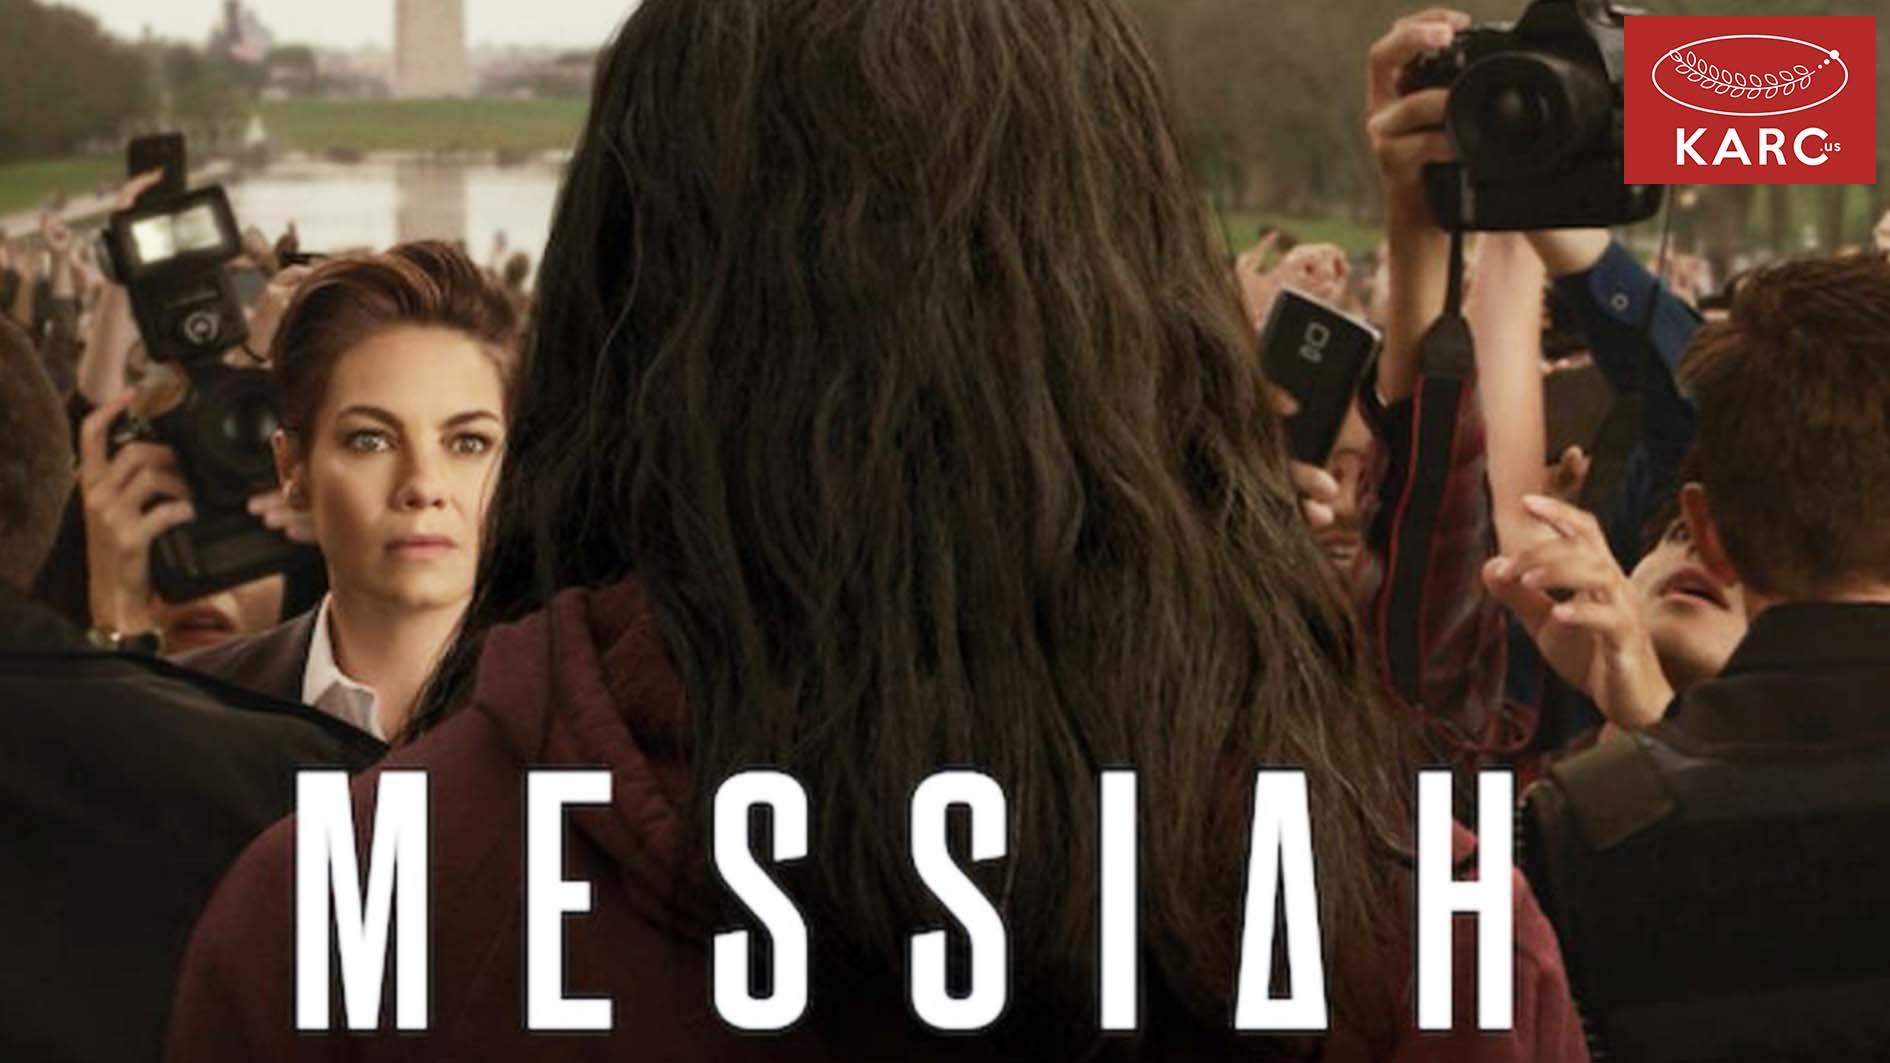 รีวิวซี่รี่ย์ Netflix Messiah แสงแห่งปาฏิหาริย์ ข่าวดารา ข่าวเด่นประเด็นร้อน รีวิวหนังใหม่ หนังดังในอดีต วงการภาพยนต์ , แนะนำหนังดี , แนะนำหนังน่าดู , หนังน่าดู , รีวิวหนังใหม่ , ก่อนตายต้องได้ดู! , ข่าวดารา , ข่าวเด่นประเด็นร้อน , รีวิวหนังใหม่ , หนังดังในอดีต , karc.us ,